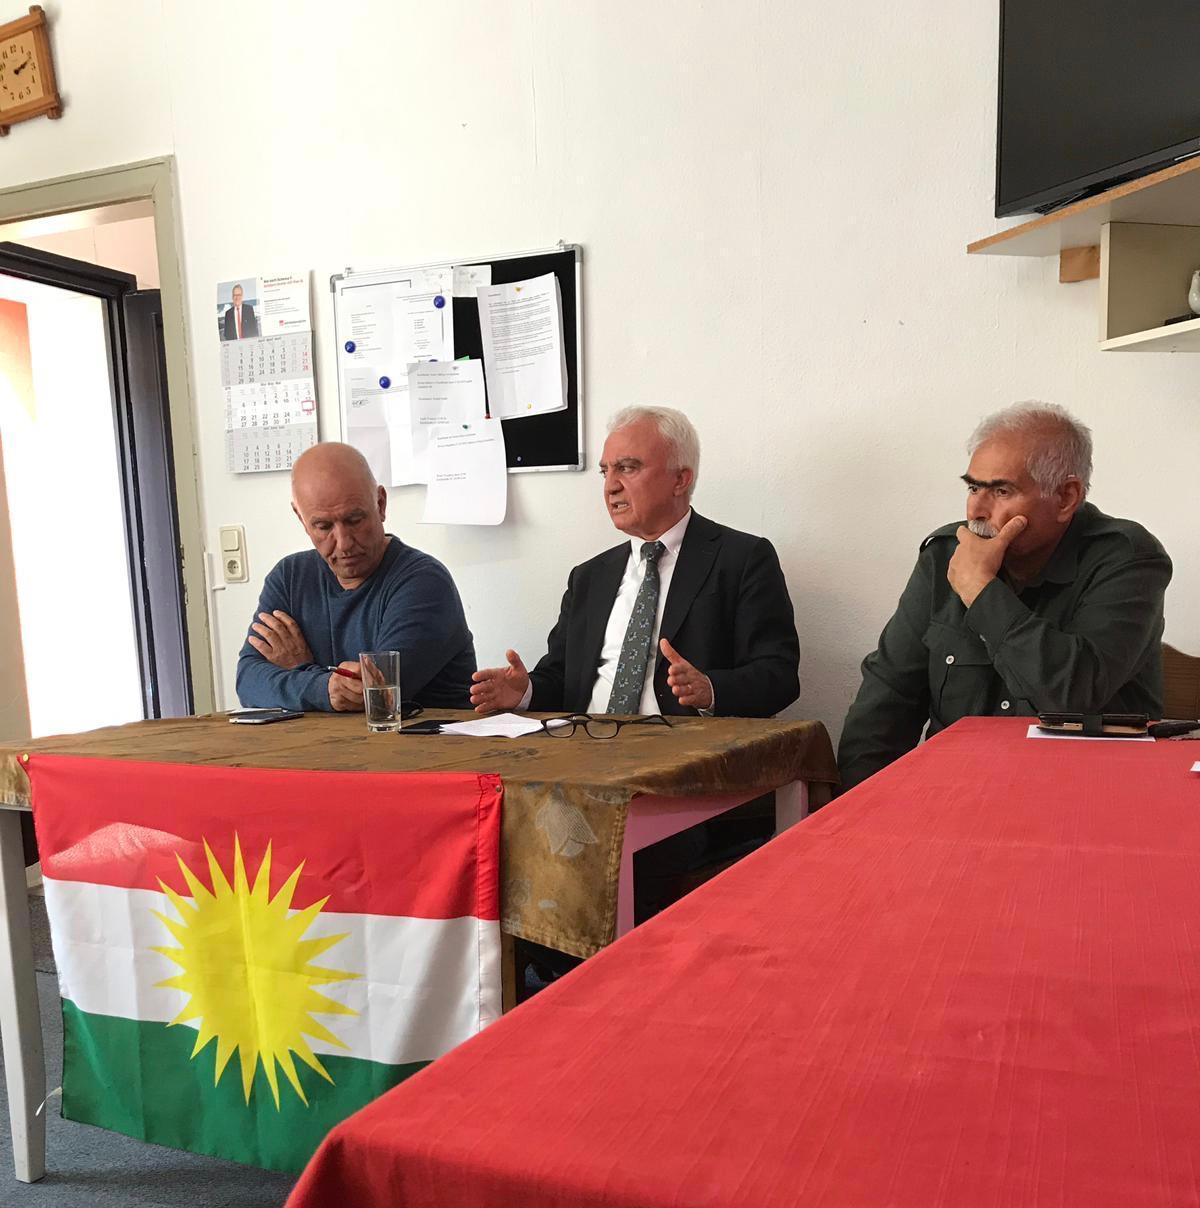 asim Ergün: Tifaqa di navbera partiyên Kurdistanî de girîng e